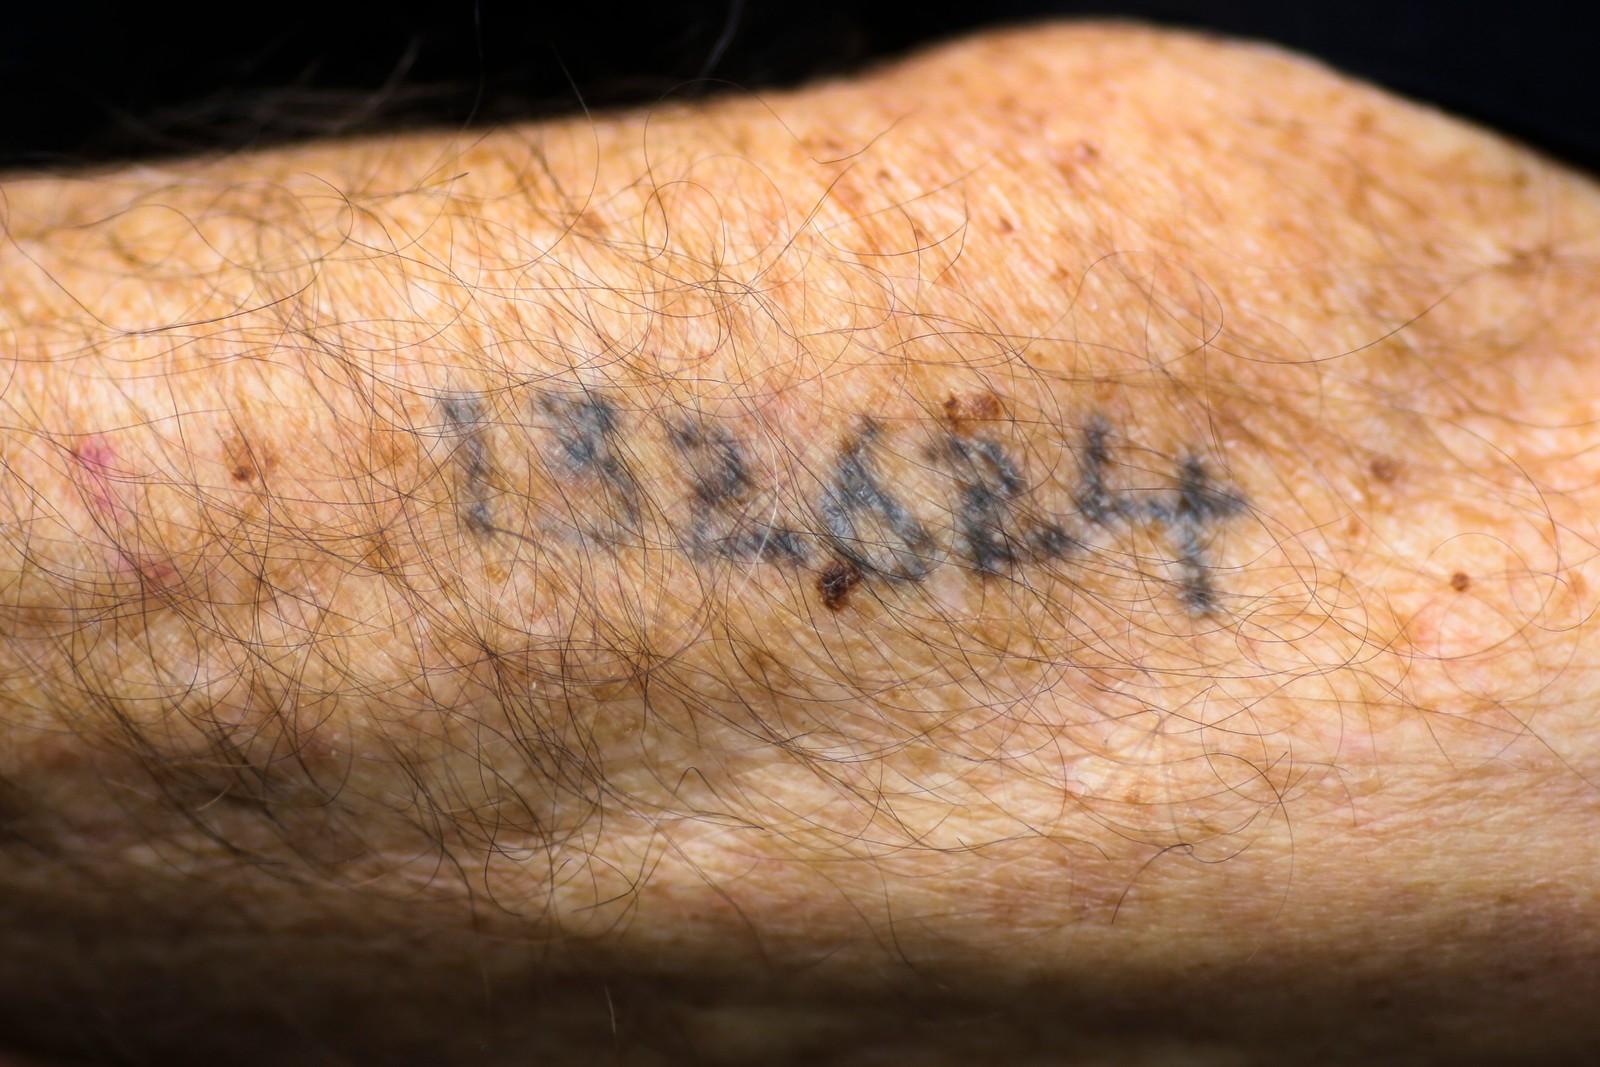 Leon Schwarzbaum overlevde Auschwitz, men er merka for livet. Denne uka var han tilstede da den tidligere SS-vakten Oskar Groening ble dømt til fire års fengsel.